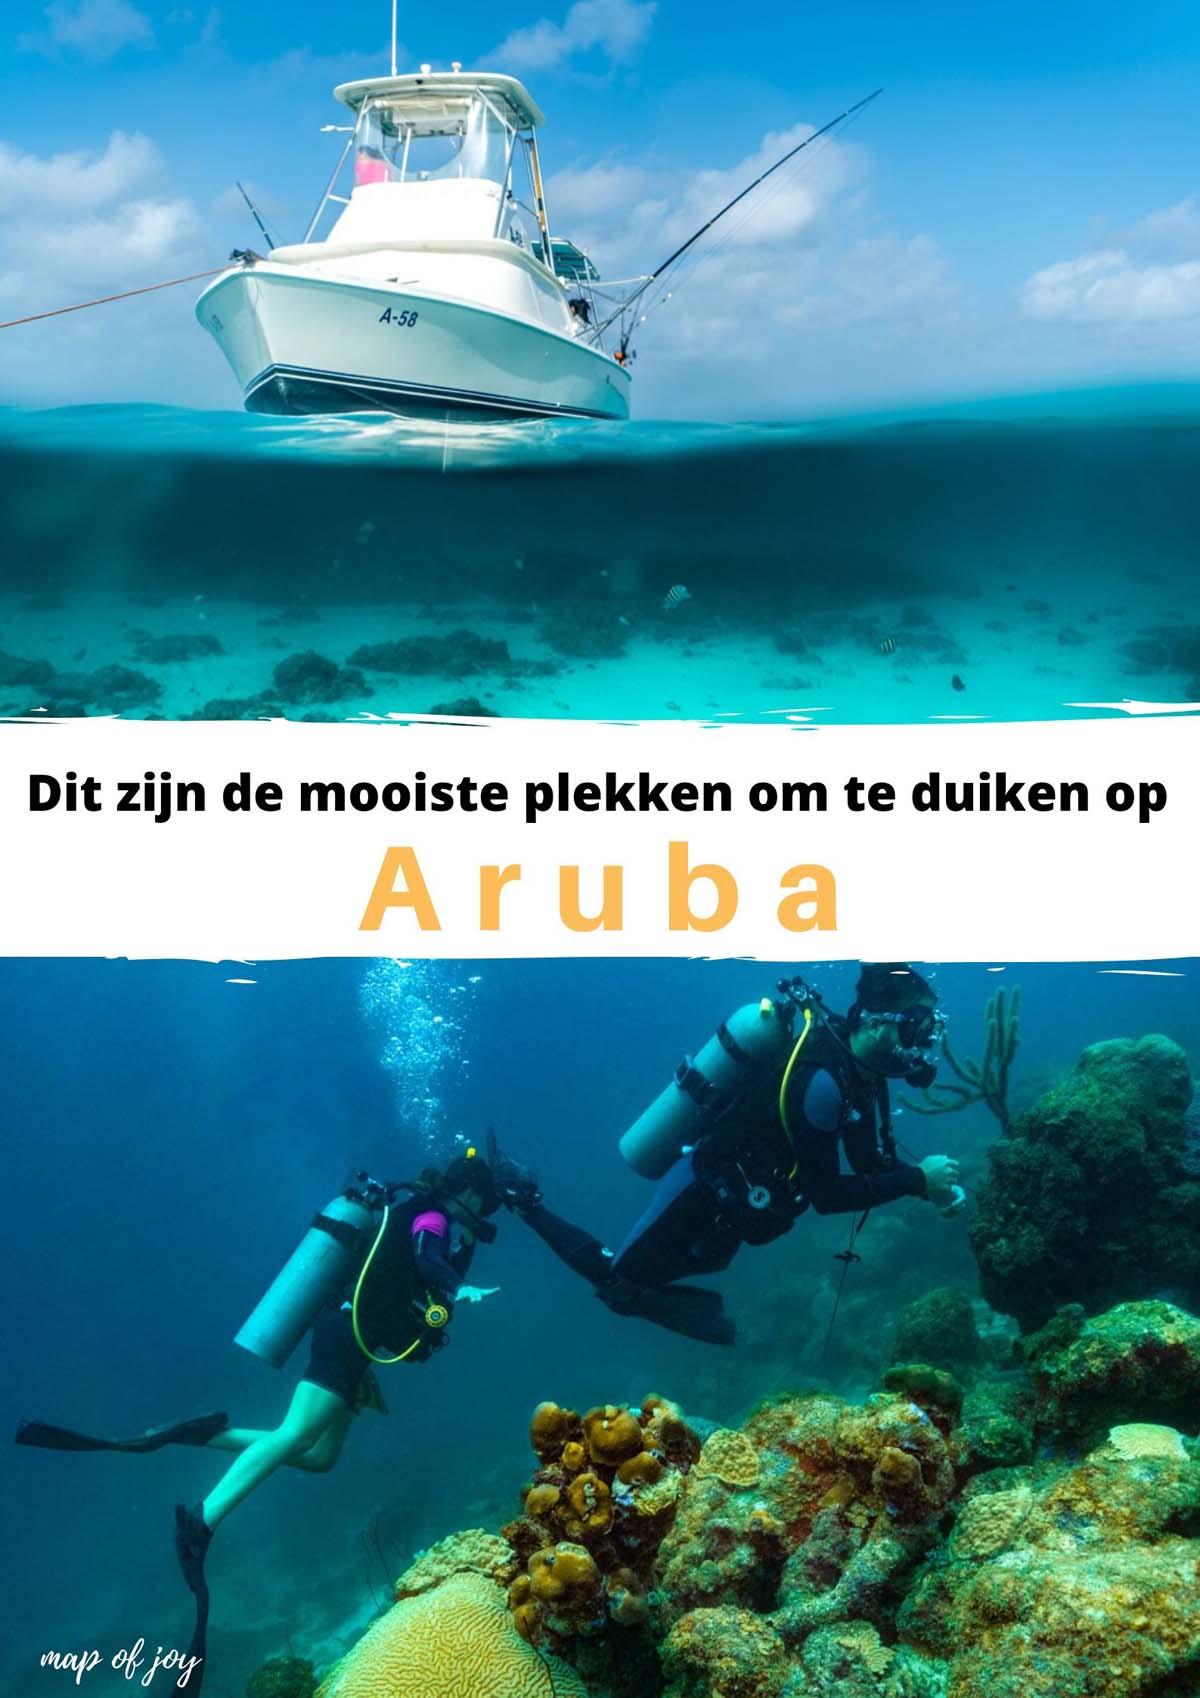 Dit zijn de mooiste plekken om te duiken op Aruba - Map of Joy